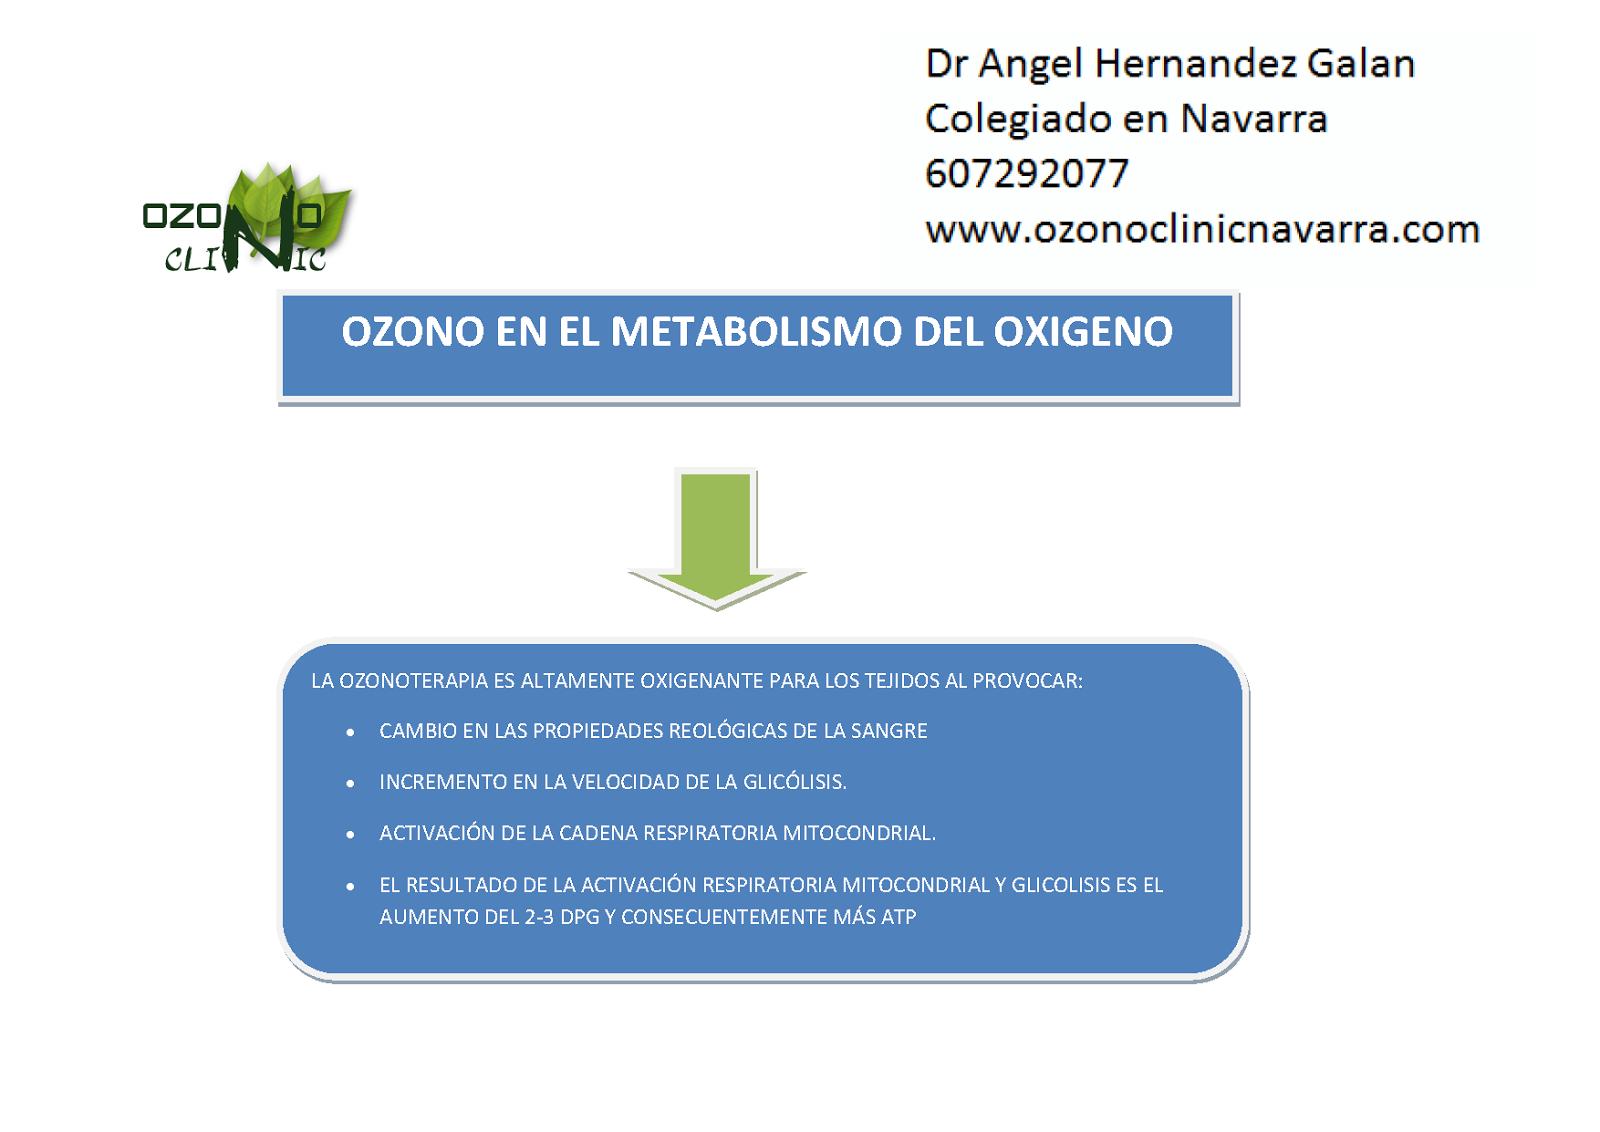 enfermedad periodontal, 10 años de experiencia en Cuba y en España